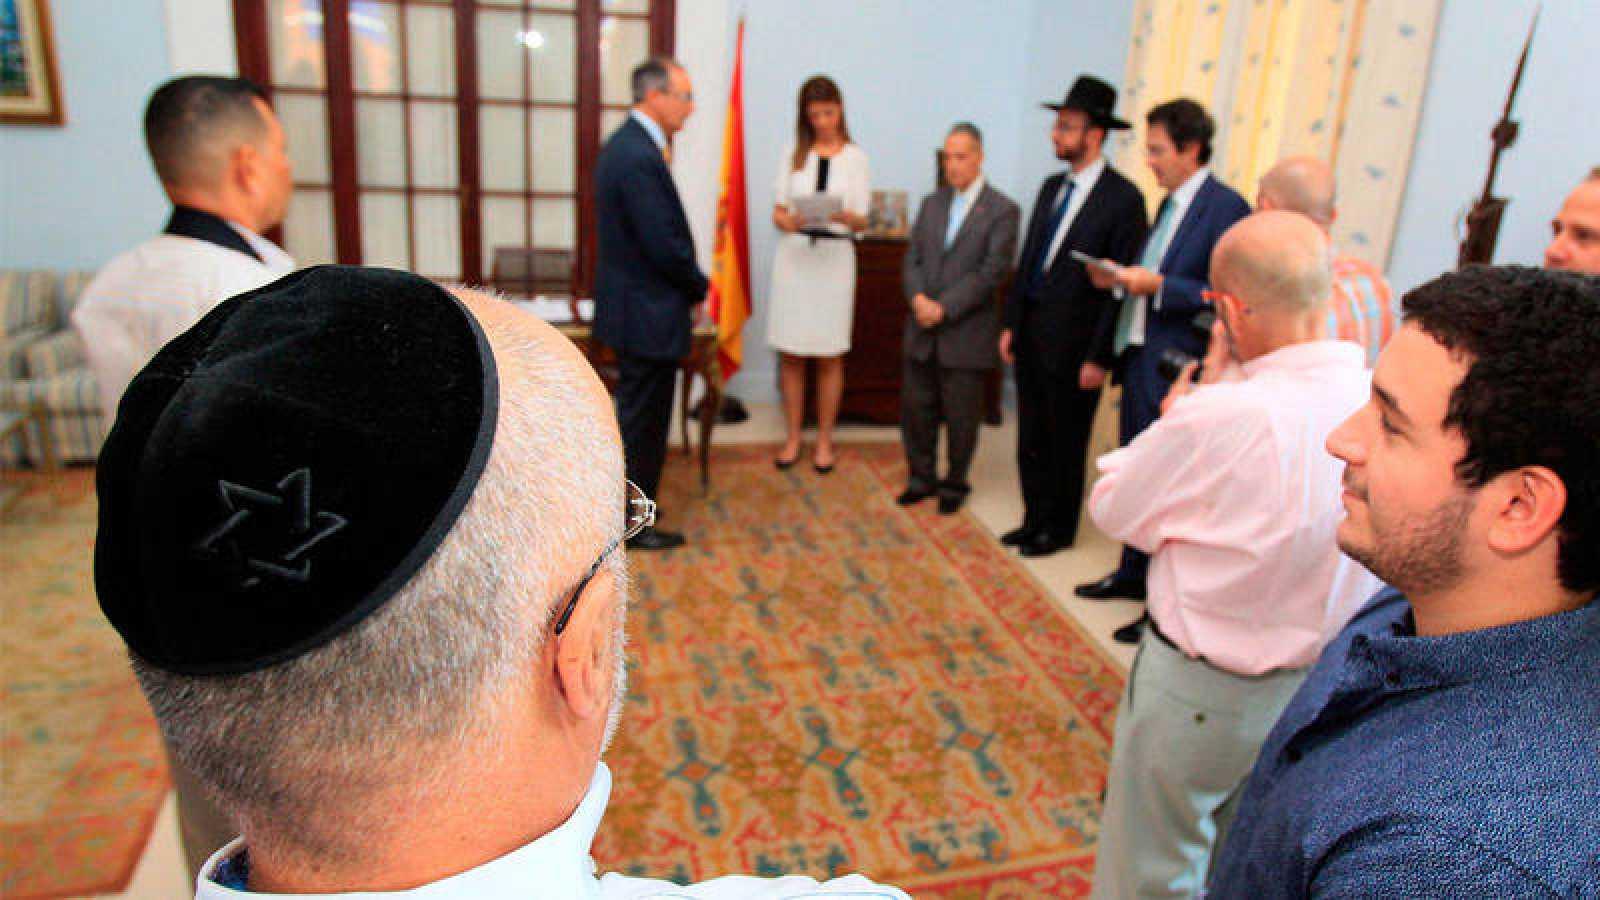 Imagen de archivo de 2016 en la que varios sefardíes participan en una ceremonia de nacionalización española en Panamá.